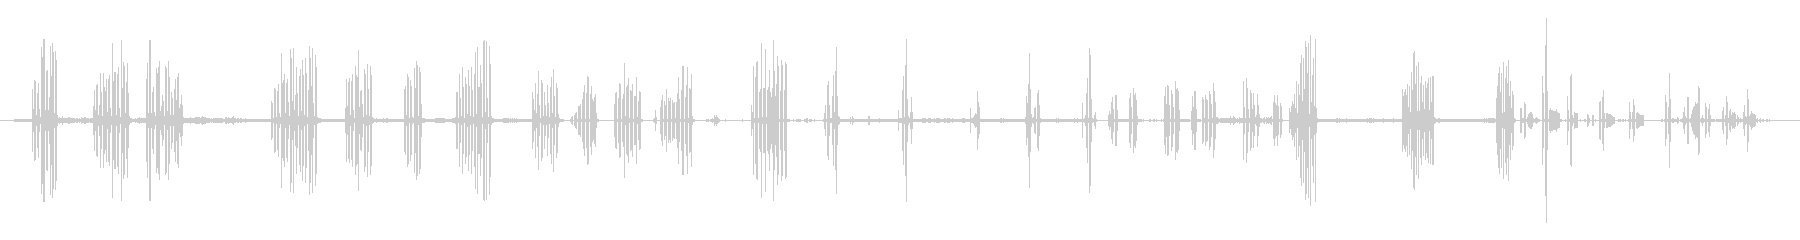 マレレンガカルボネラの未再生の波形